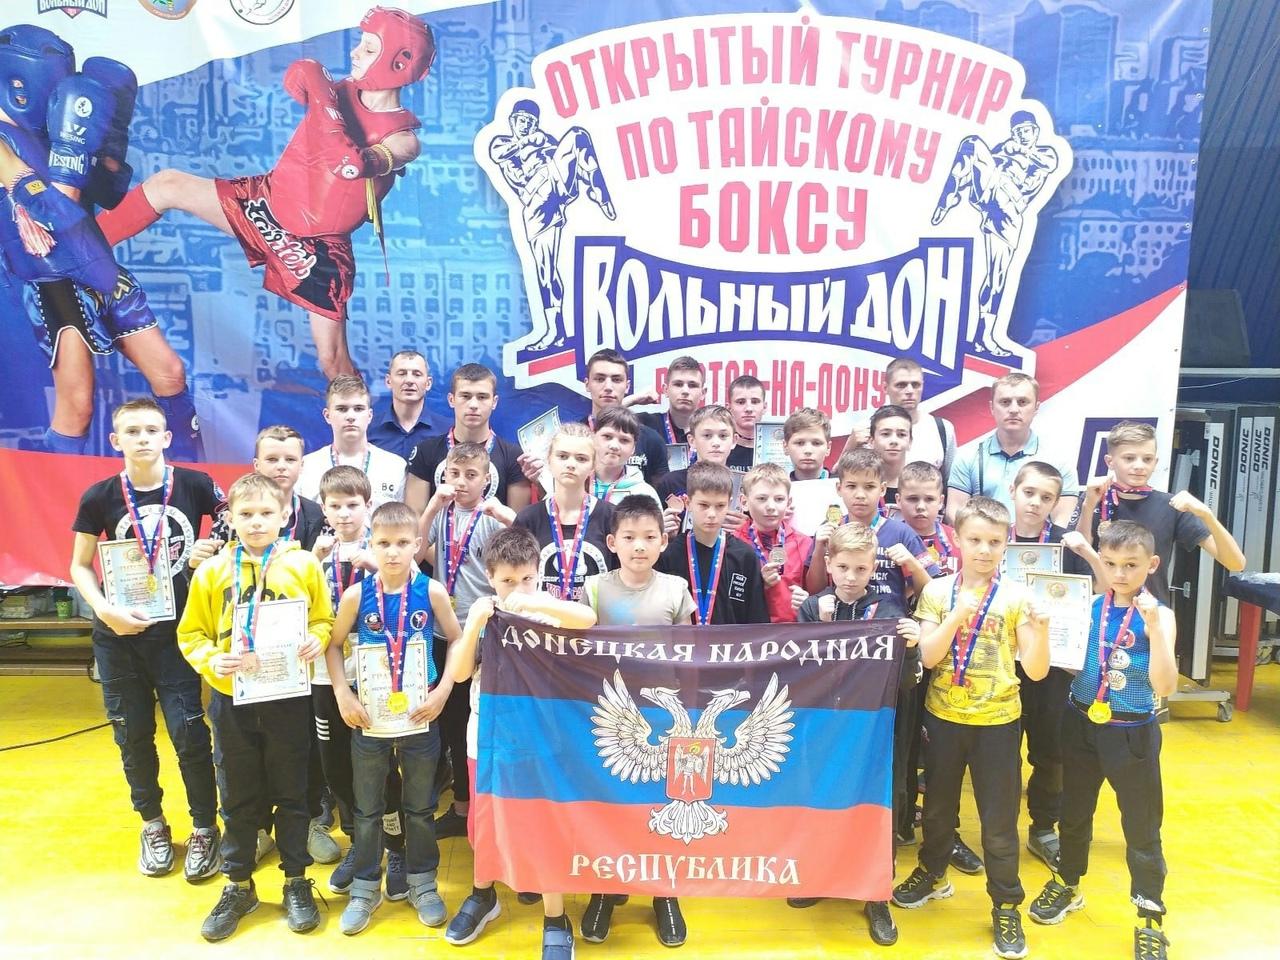 Сборная ДНР по тайскому боксу привезла победу из Ростова